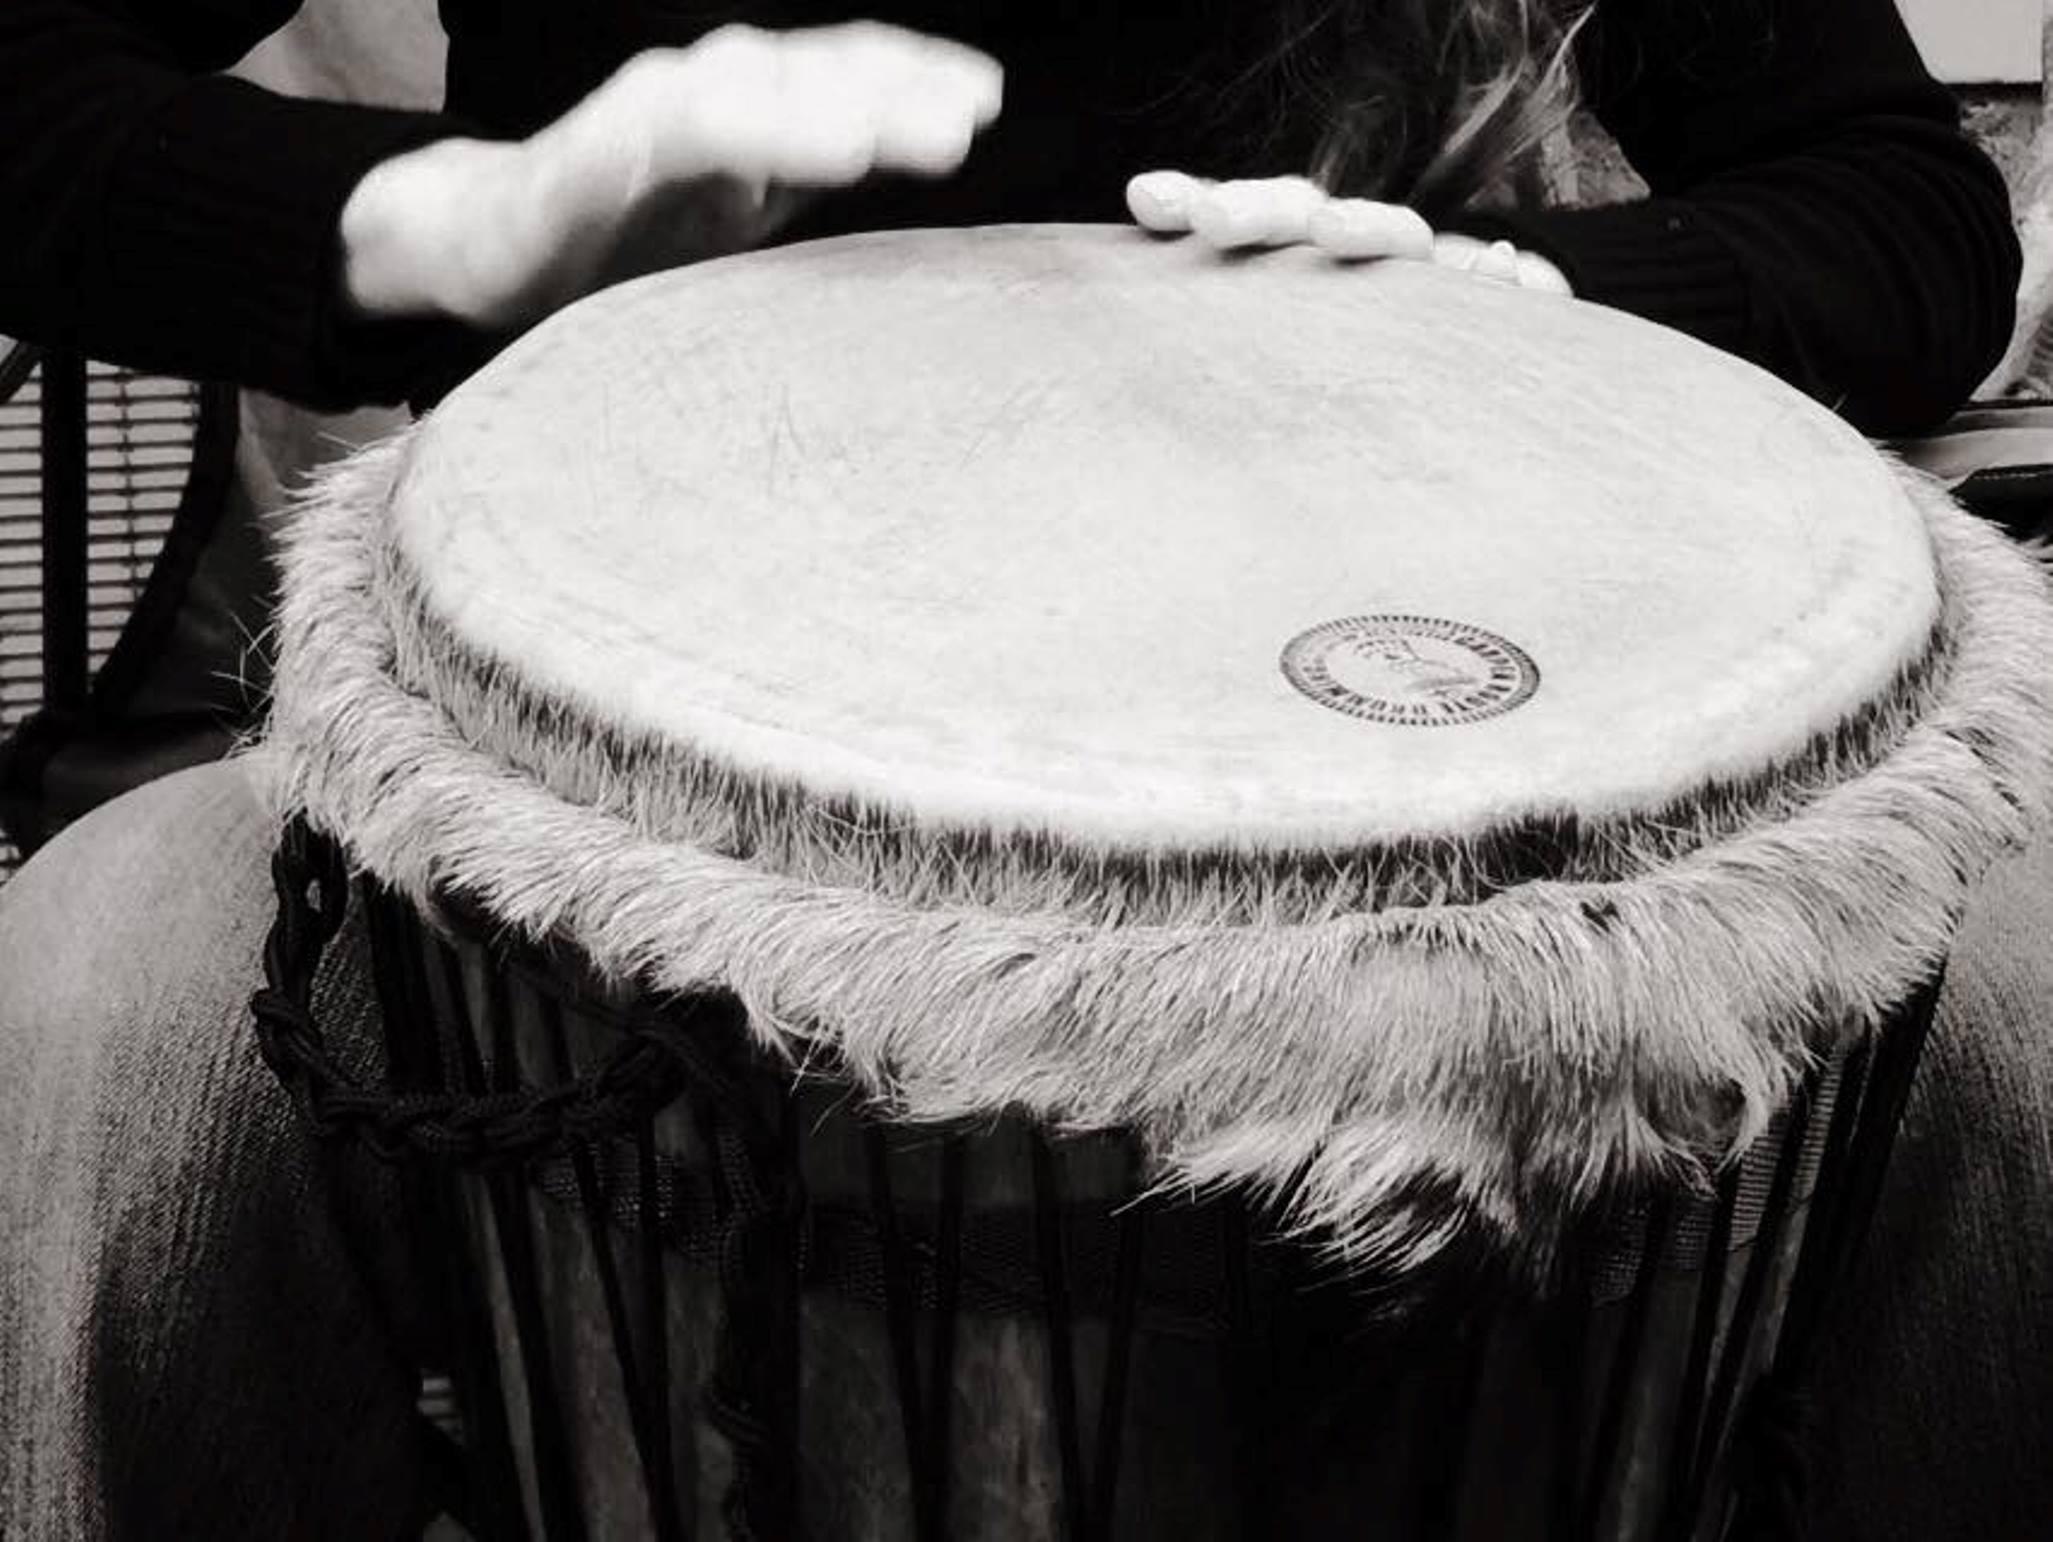 Garden Route Drumming - Drum Circle at Kula Malaika Foundation